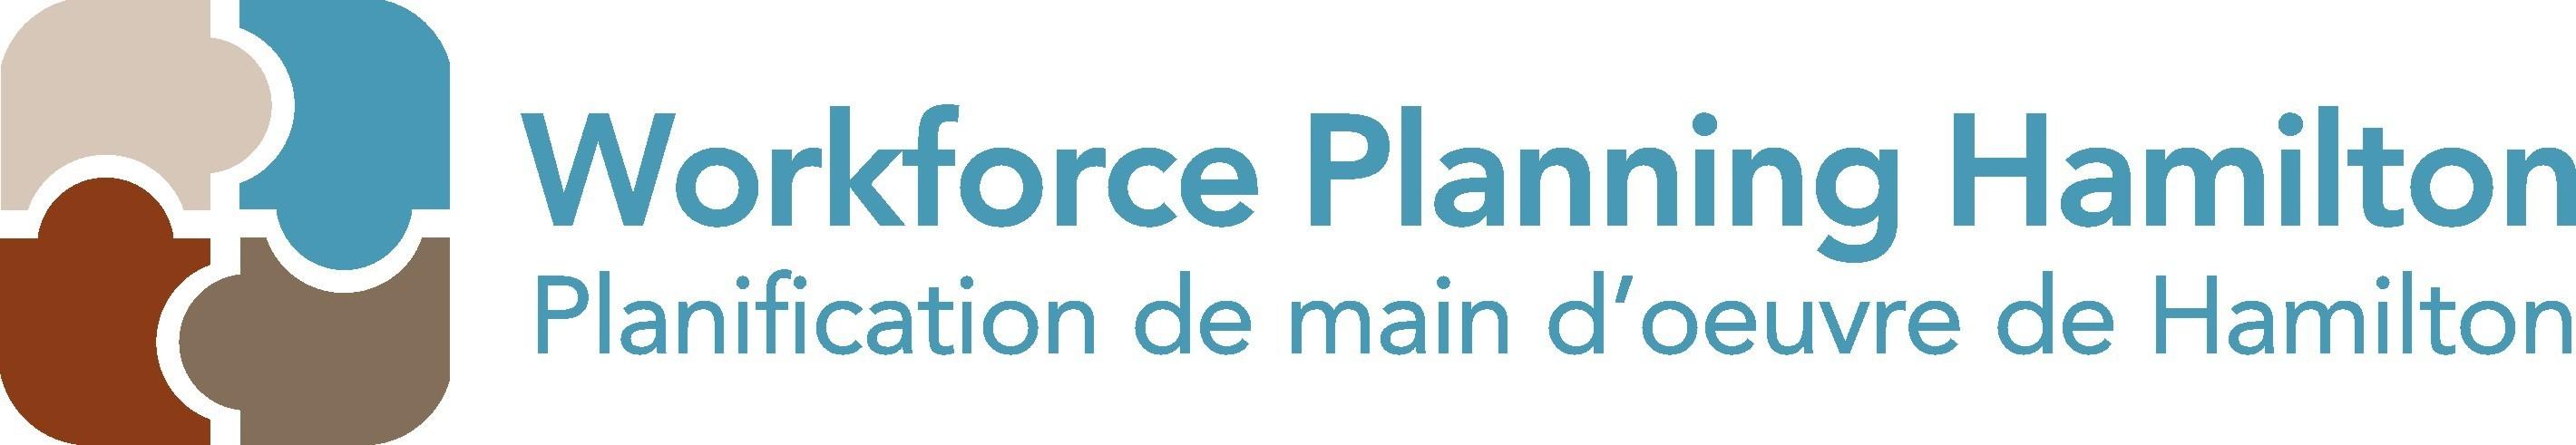 Workforce Planning Hamilton